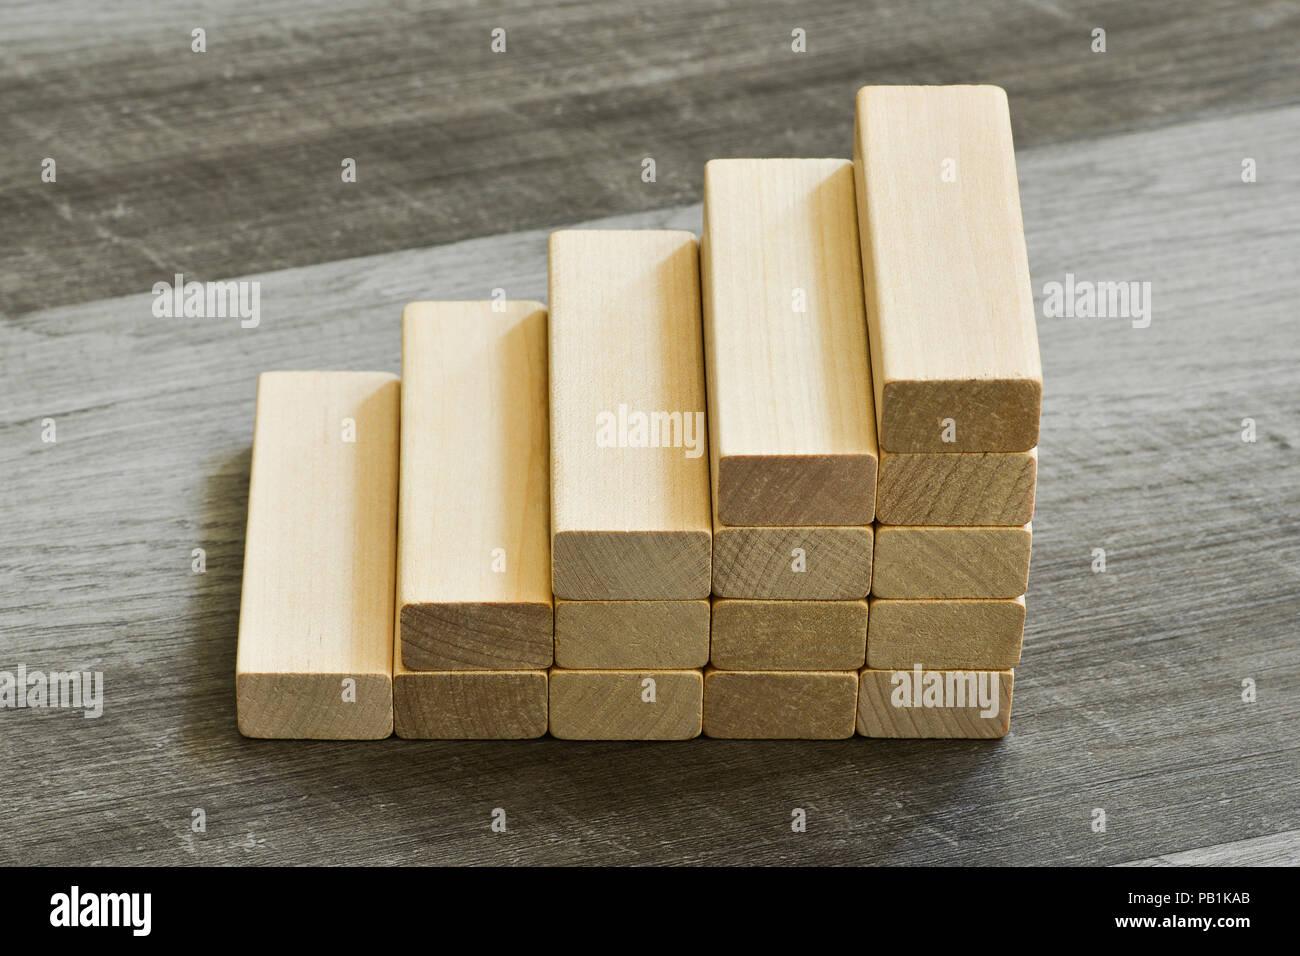 Herausforderung / Ziel das Konzept - Treppe nach oben von Bausteinen über Dunkelgrau Holz- Hintergrund Stockbild